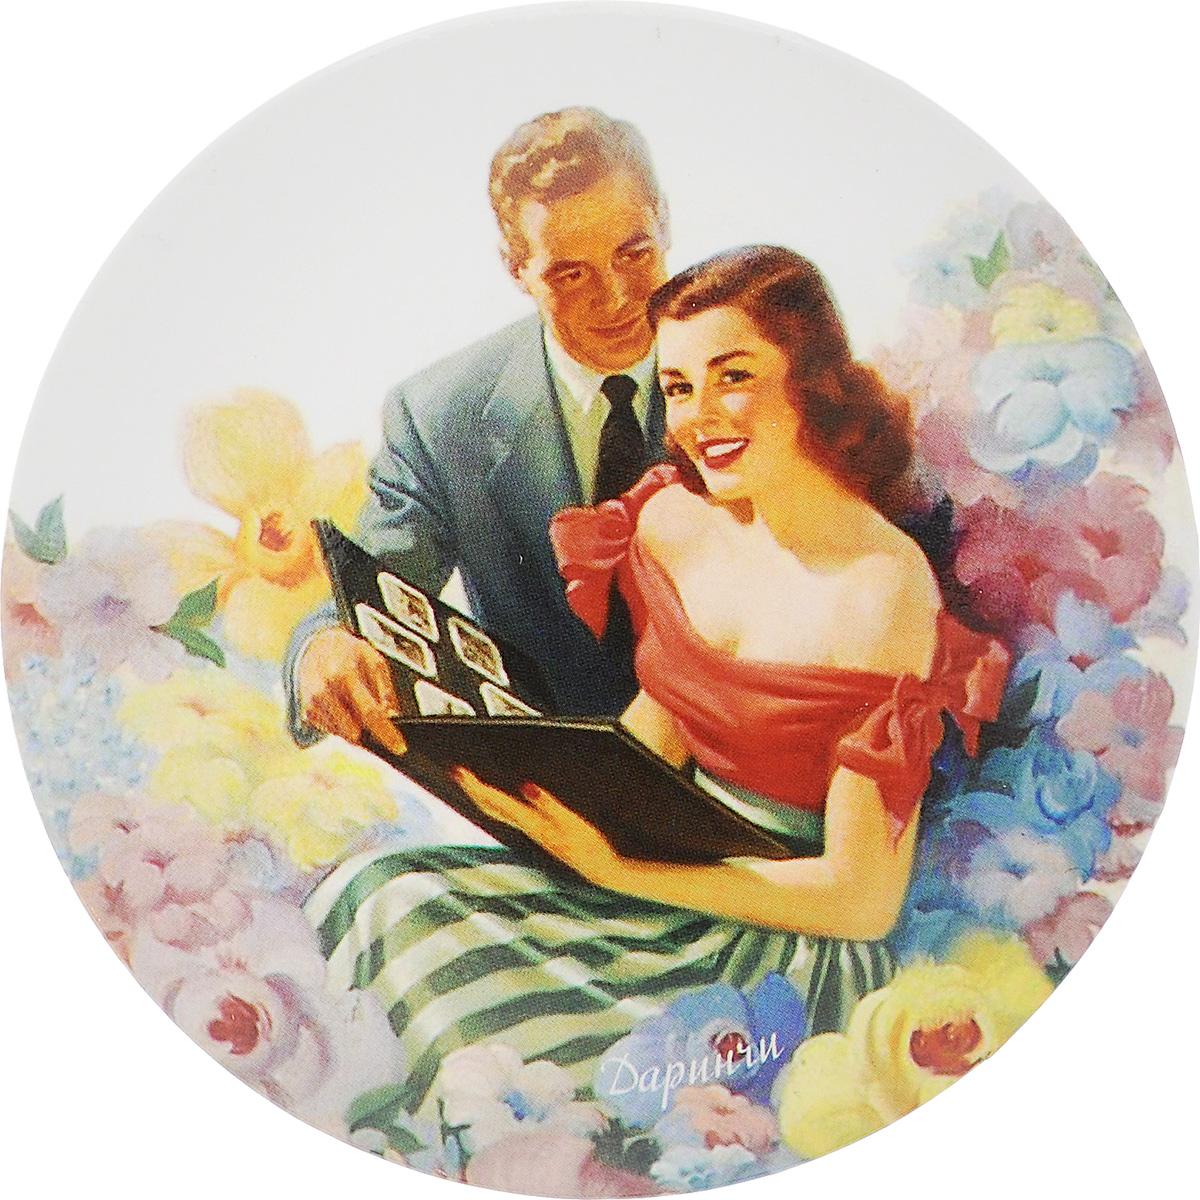 Зеркало карманное Даринчи. № 5Зеркальце 5Карманное зеркало Даринчи, выполненное в круглом металлическом корпусе, оформлено изображением романтичной пары в окружении цветов. Такое зеркало станет отличным подарком представительнице прекрасного пола, ведь даже самая маленькая дамская сумочка обязательно вместит в себя миниатюрное зеркальце, а красочное изображение на обратной стороне зеркала непременно порадует вас и поднимет вам настроение даже в самый хмурый день.